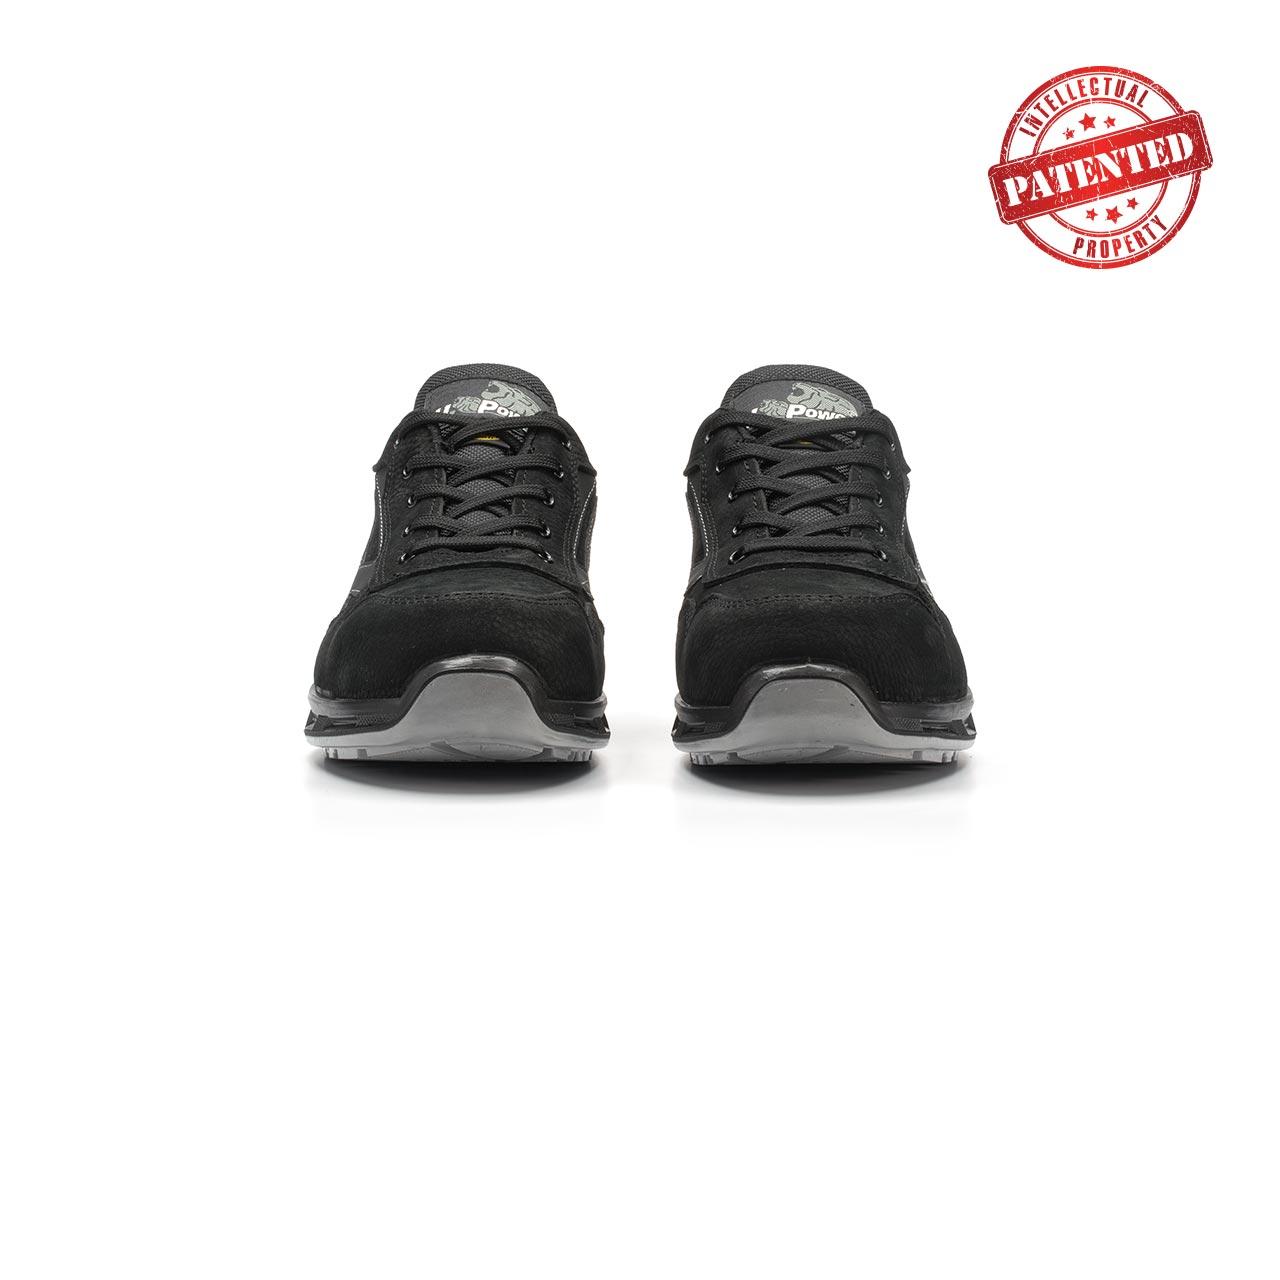 paio di scarpe antinfortunistiche upower modello carbon linea redlion vista frontale